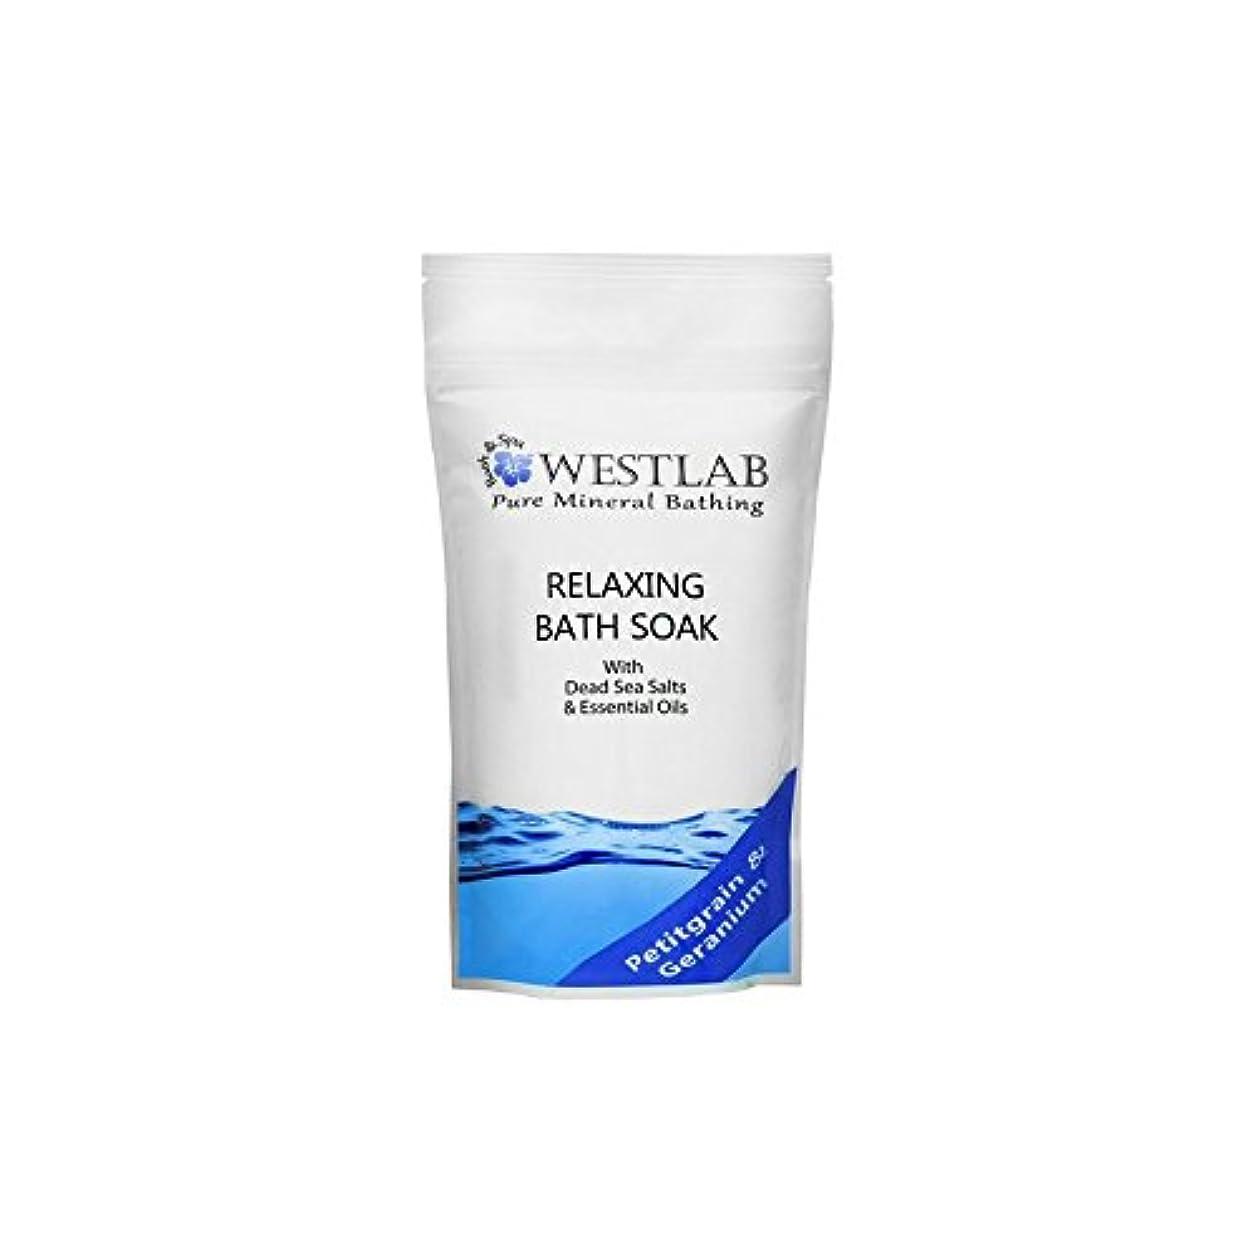 破裂シャープ盆死海の塩浴浸漬(500グラム)をリラックス x4 - Westlab Relax Dead Sea Salt Bath Soak (500g) (Pack of 4) [並行輸入品]